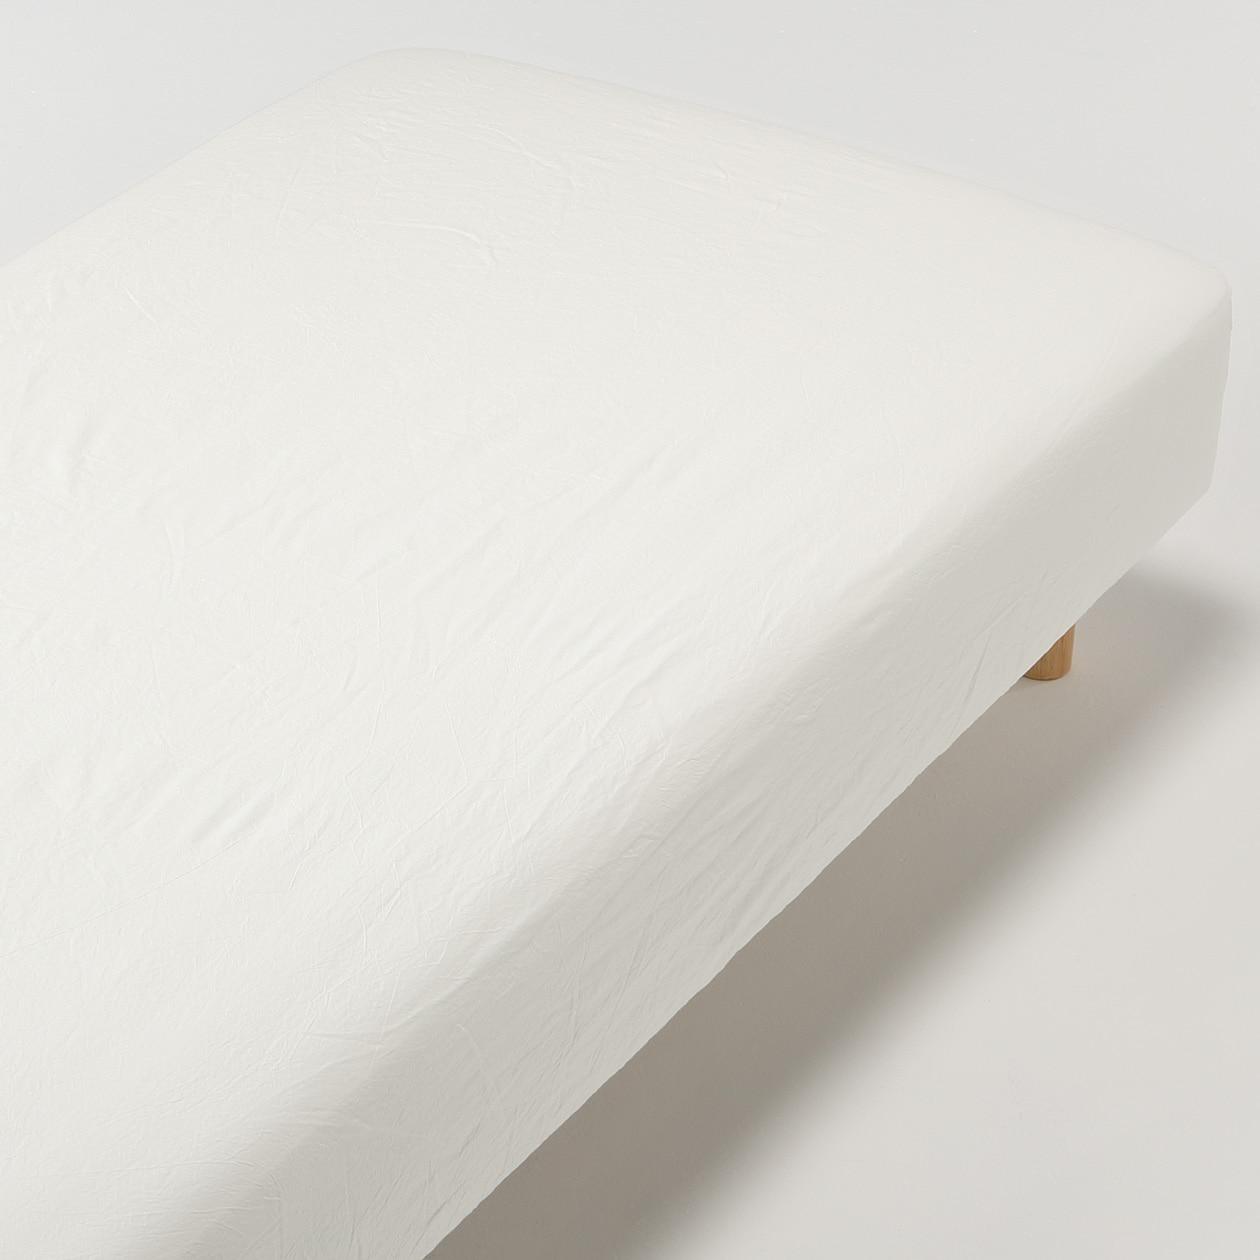 RoomClip商品情報 - オーガニックコットン洗いざらしボックスシーツ・S/生成 S/生成